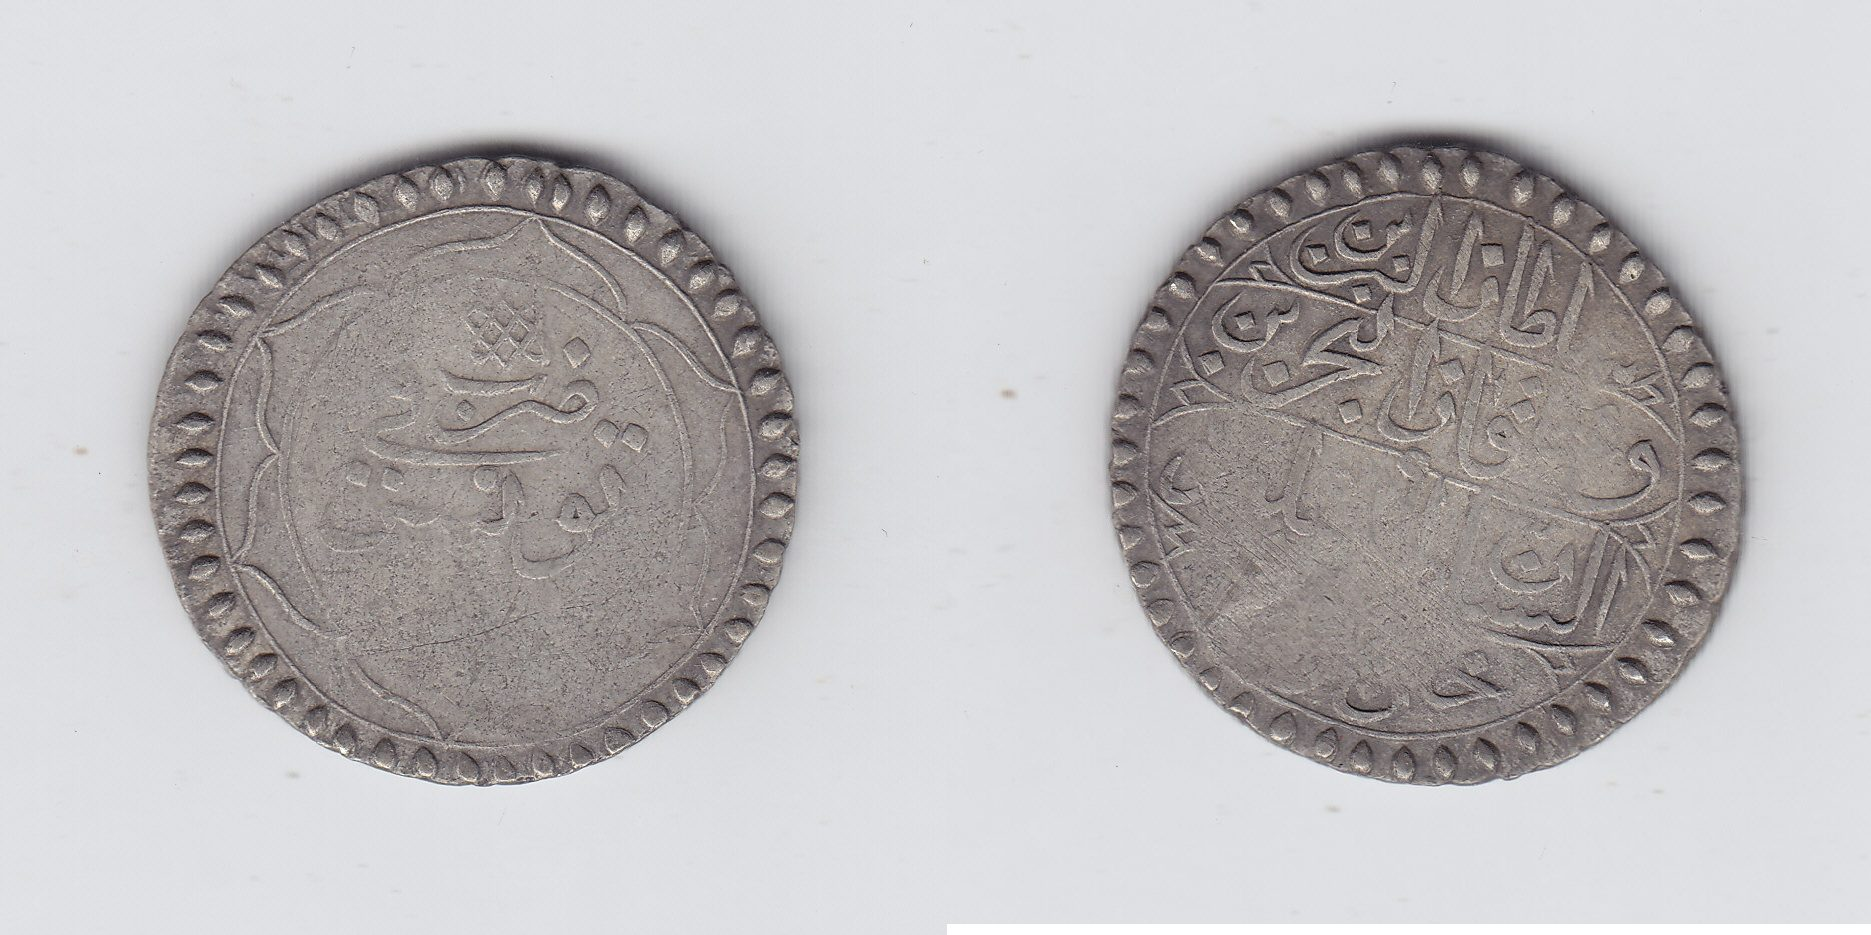 Tunis 8 Kharub 1217AH Selim III s-ss